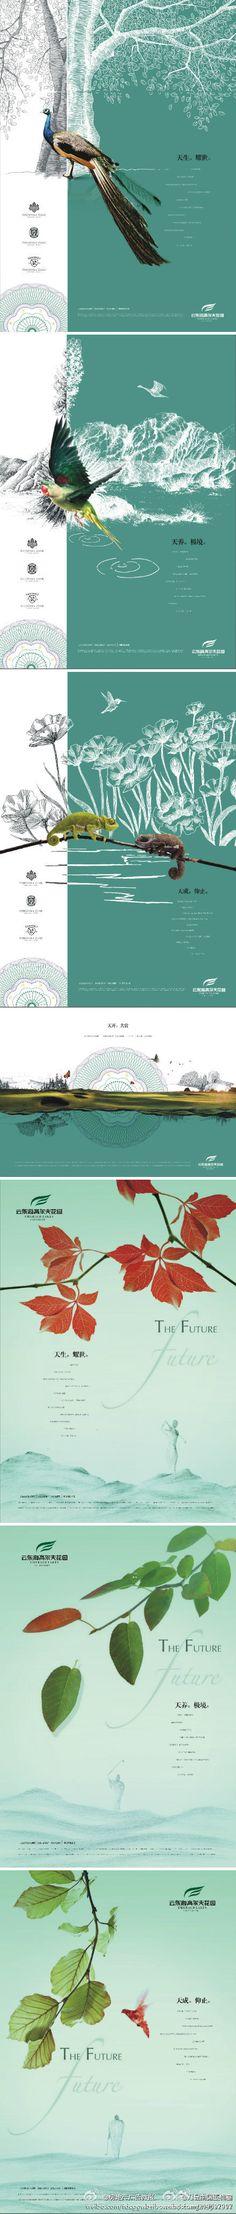 云南高尔夫花园,直接让中信山语湖禽流感爆...@木一一木采集到韩国手绘(408图)_花瓣插画